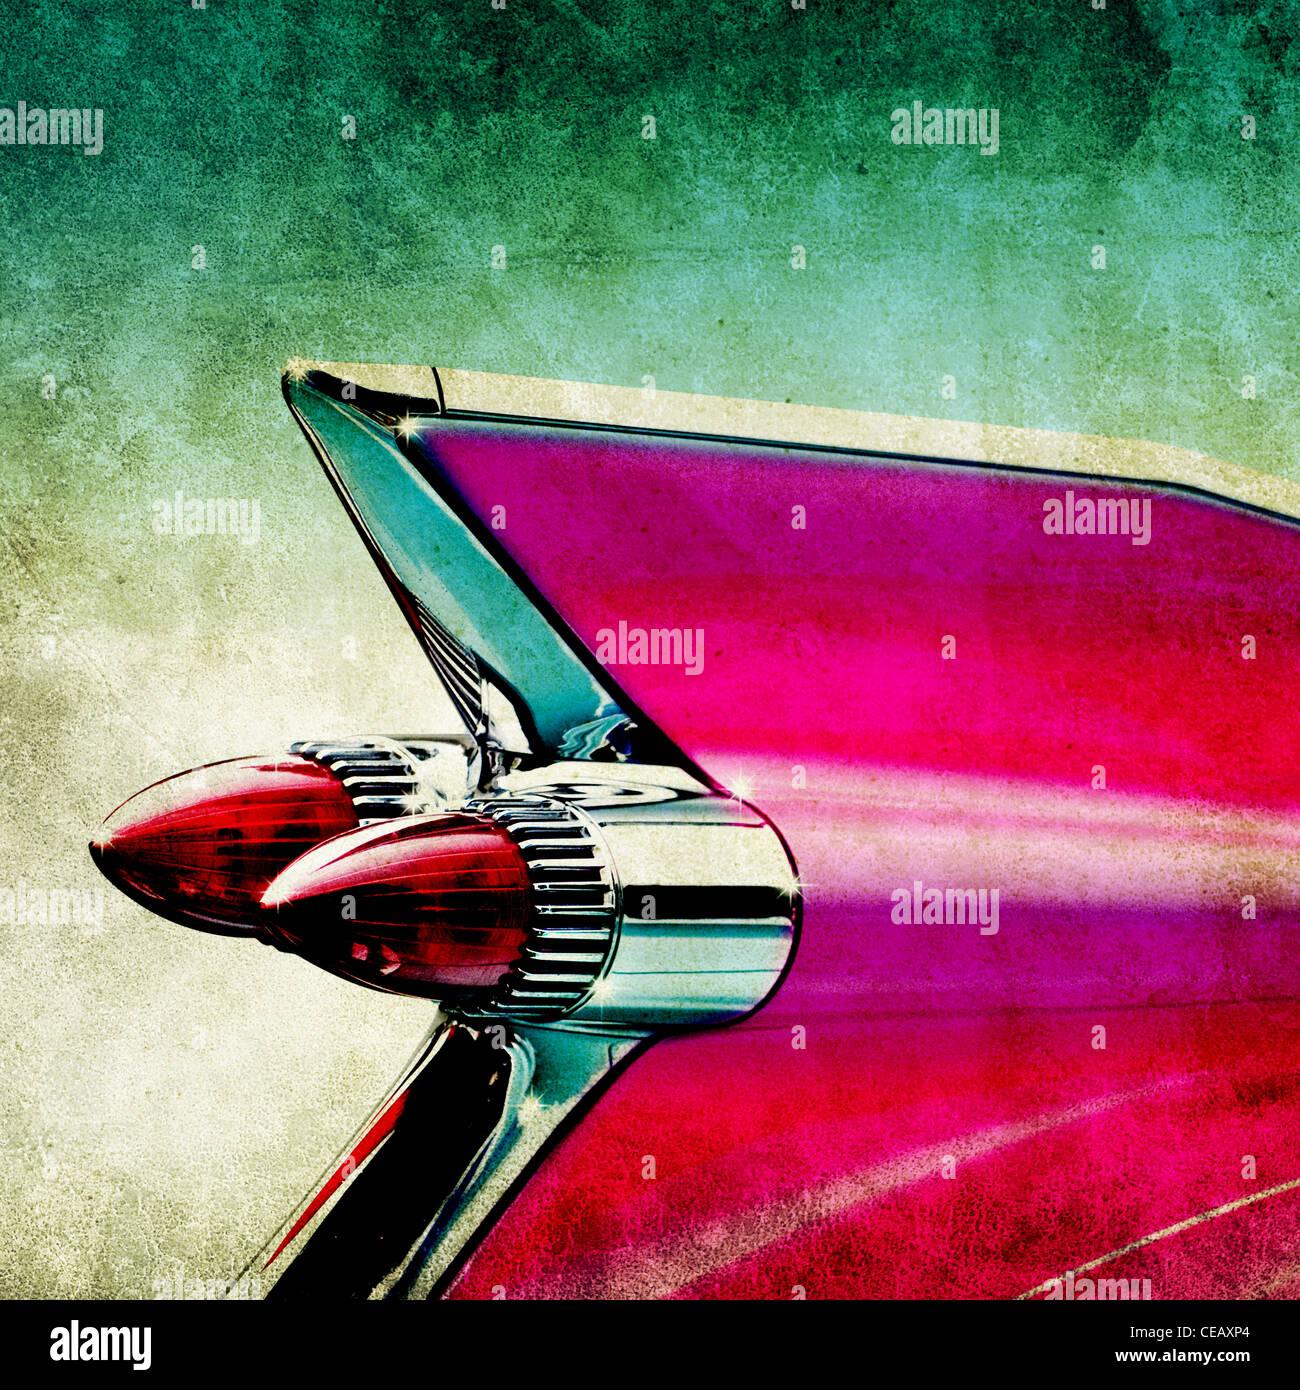 pink cadillac - Stock Image